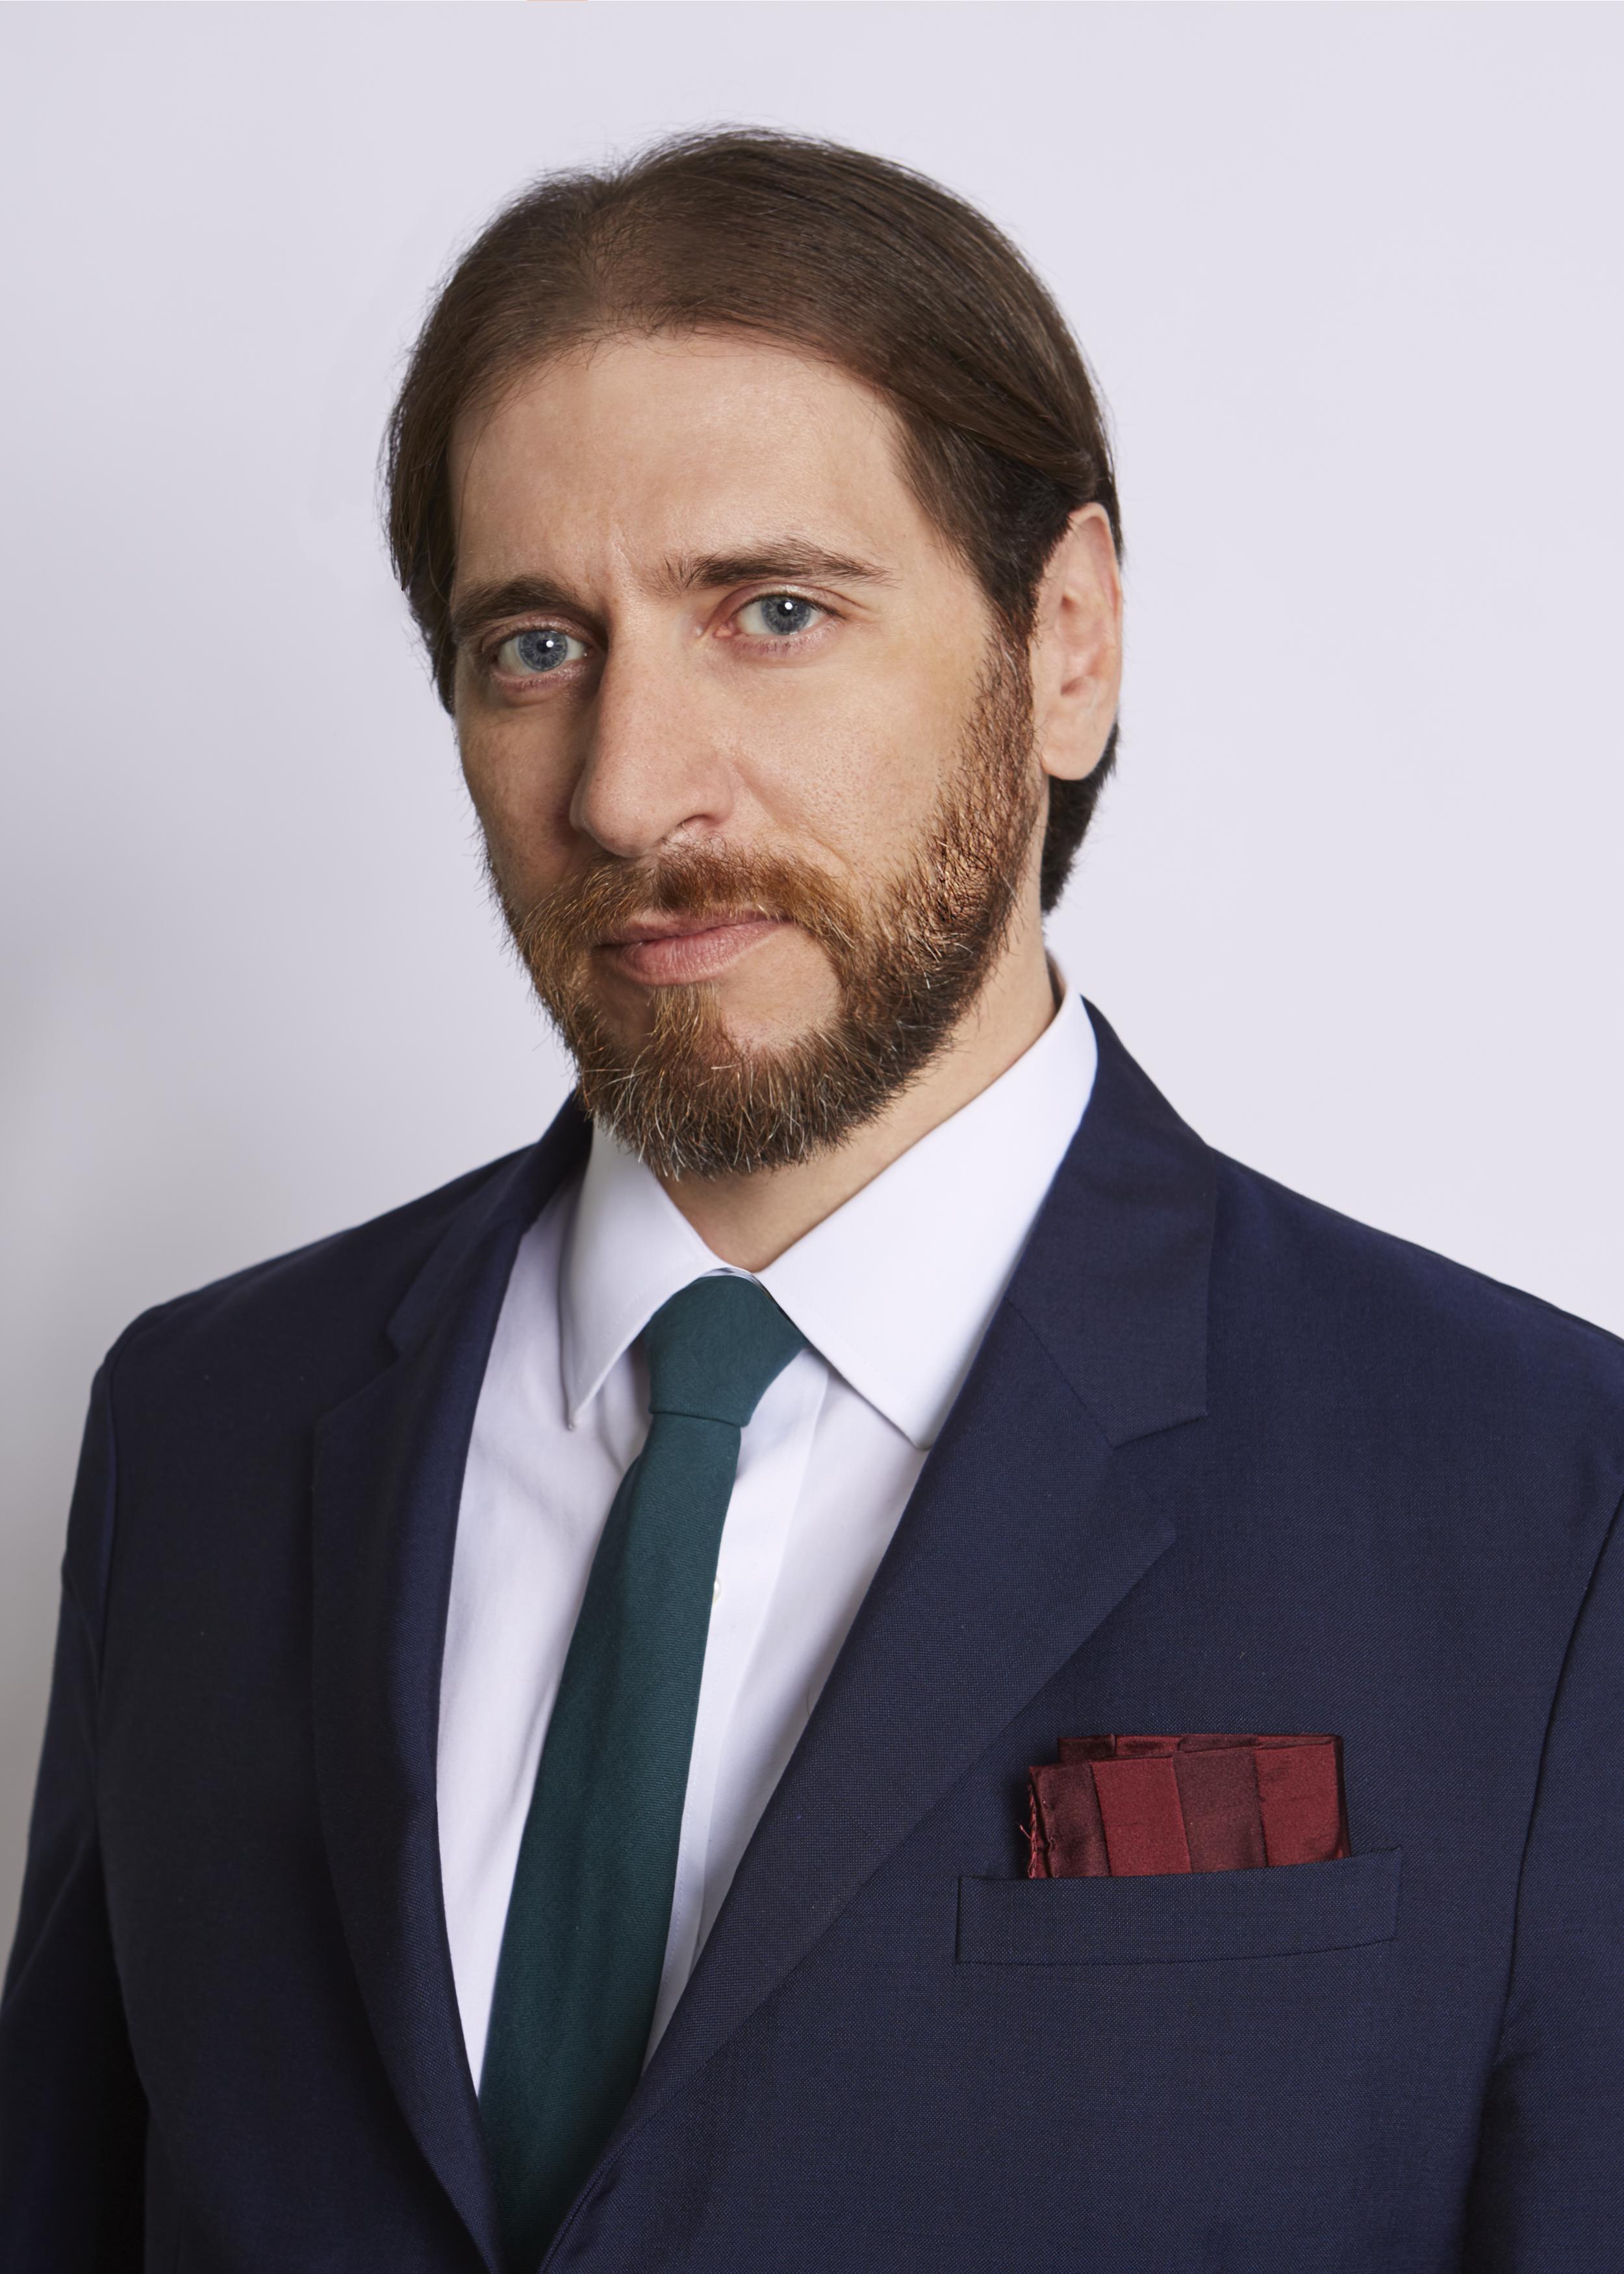 Diego Gosis